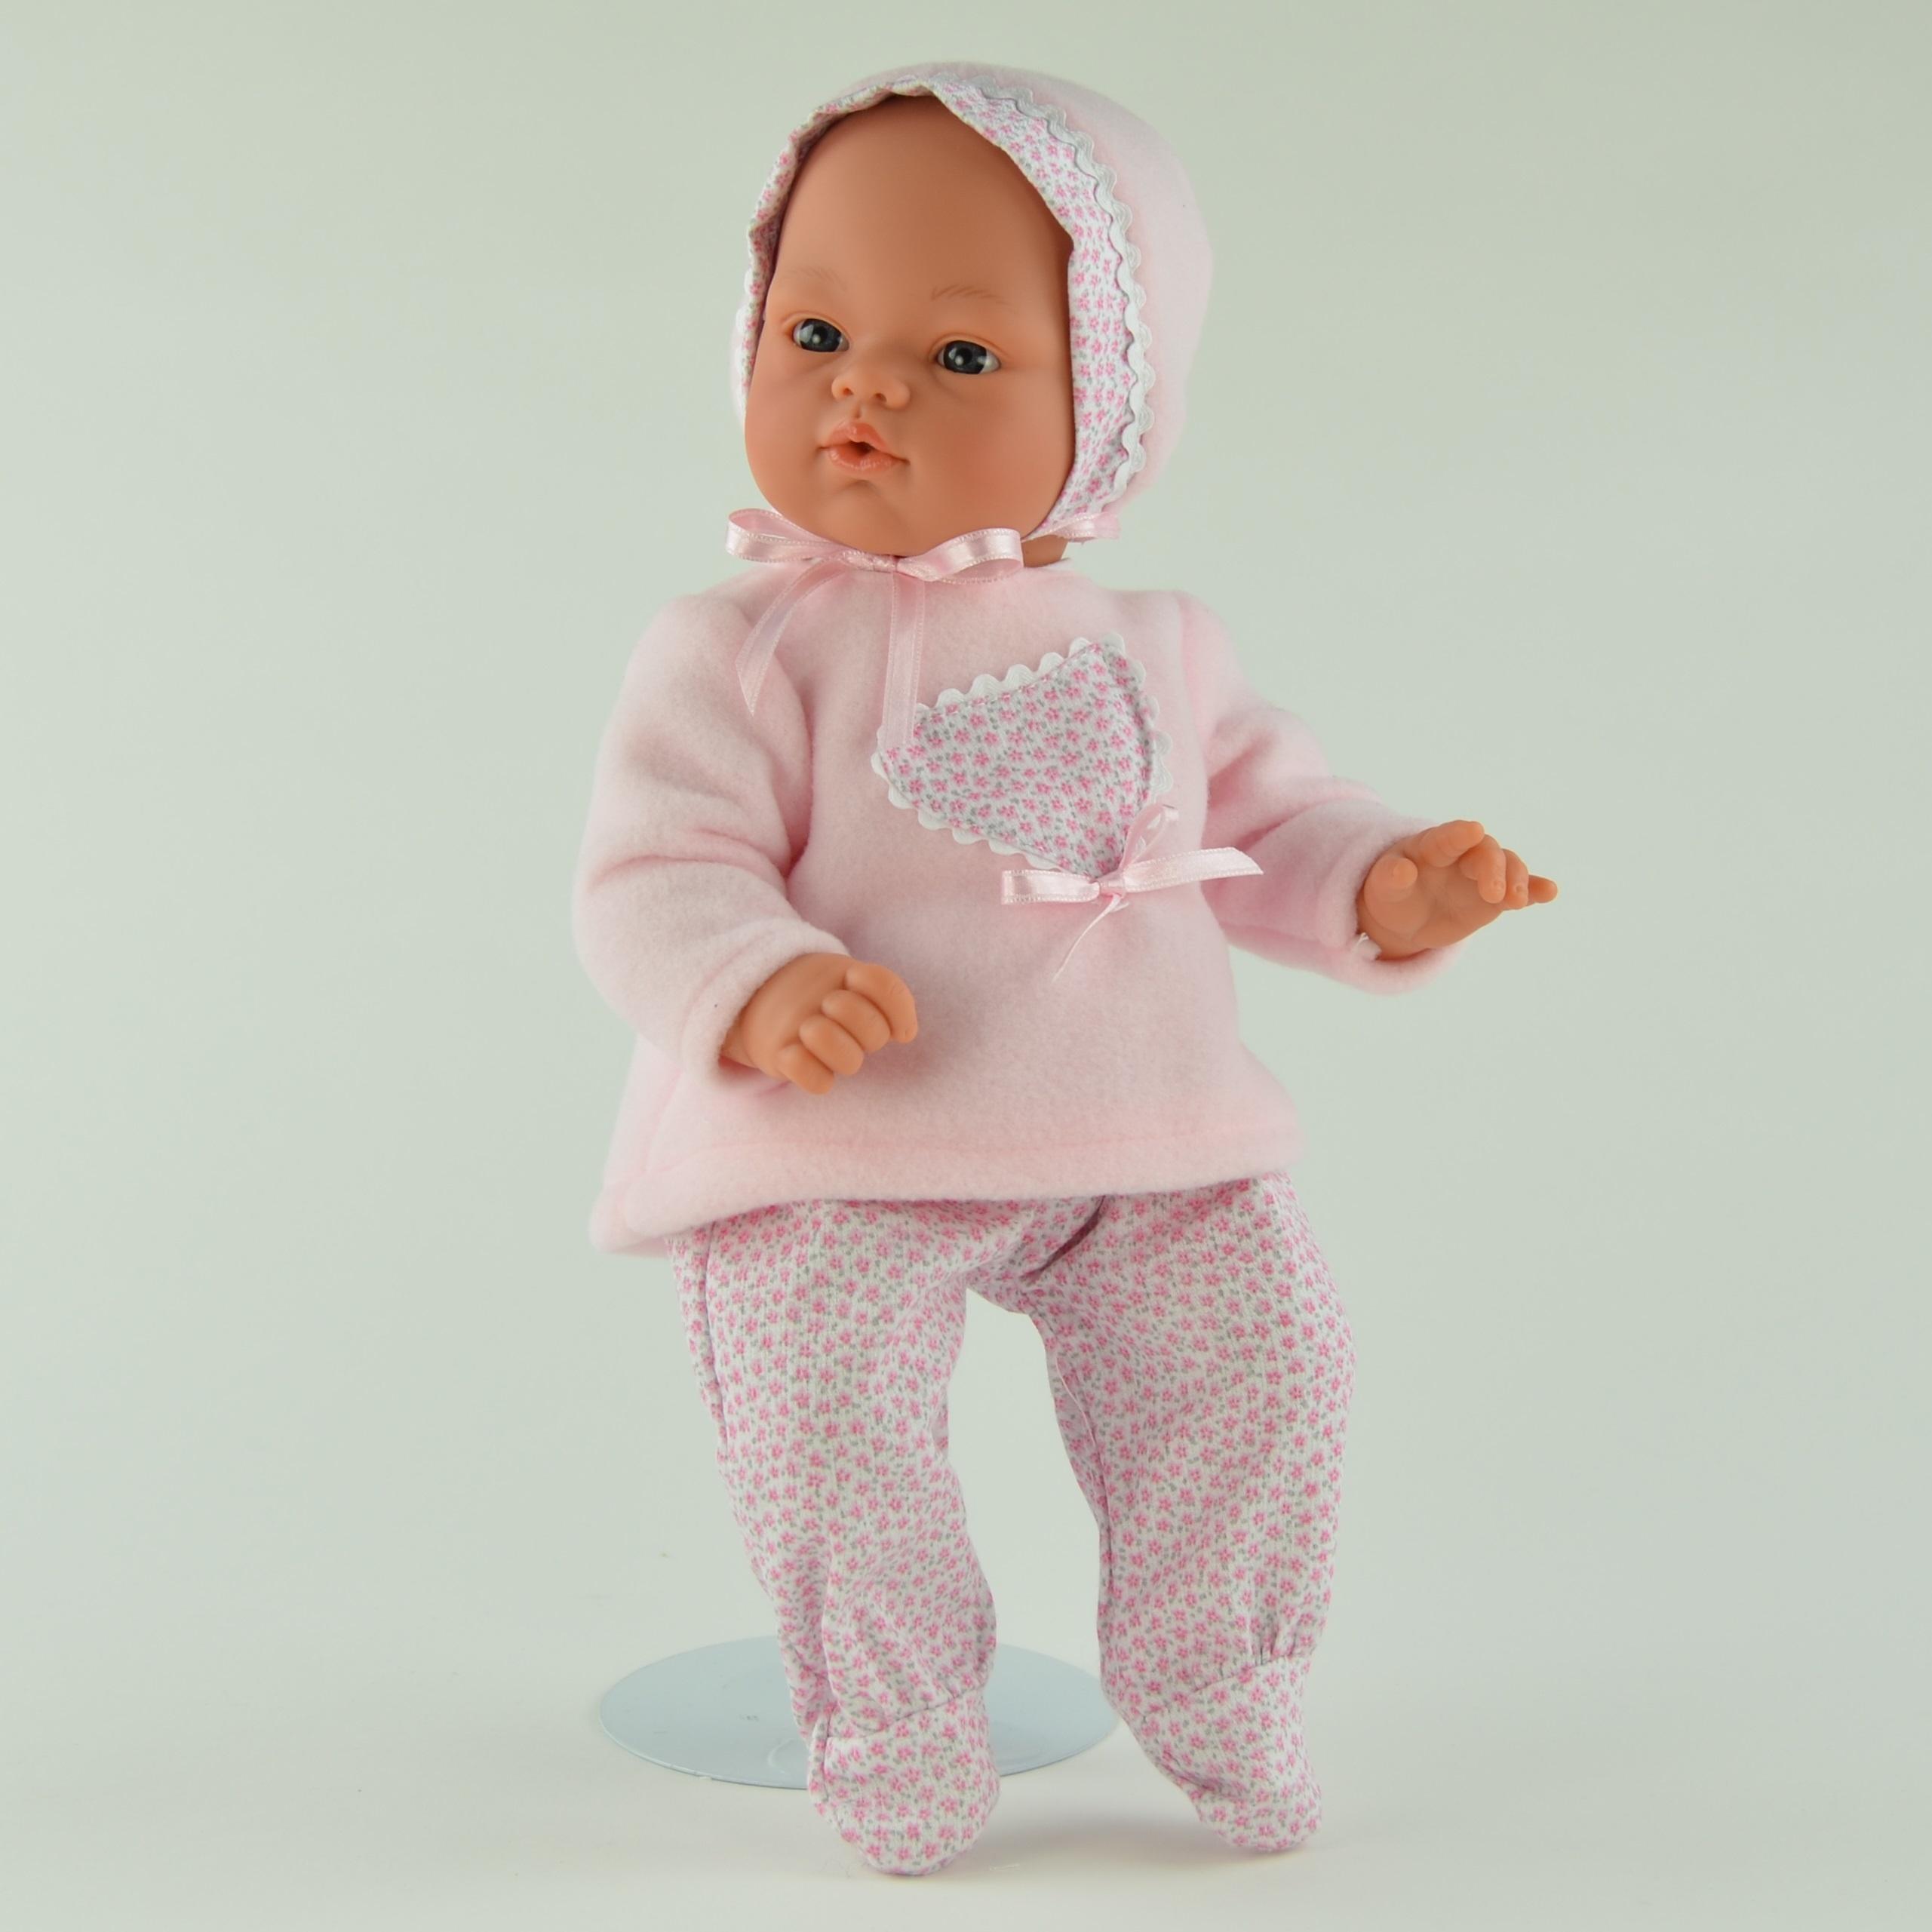 Кукла Коки в розовом чепчике, 36 см.Куклы ASI (Испания)<br>Кукла Коки в розовом чепчике, 36 см.<br>